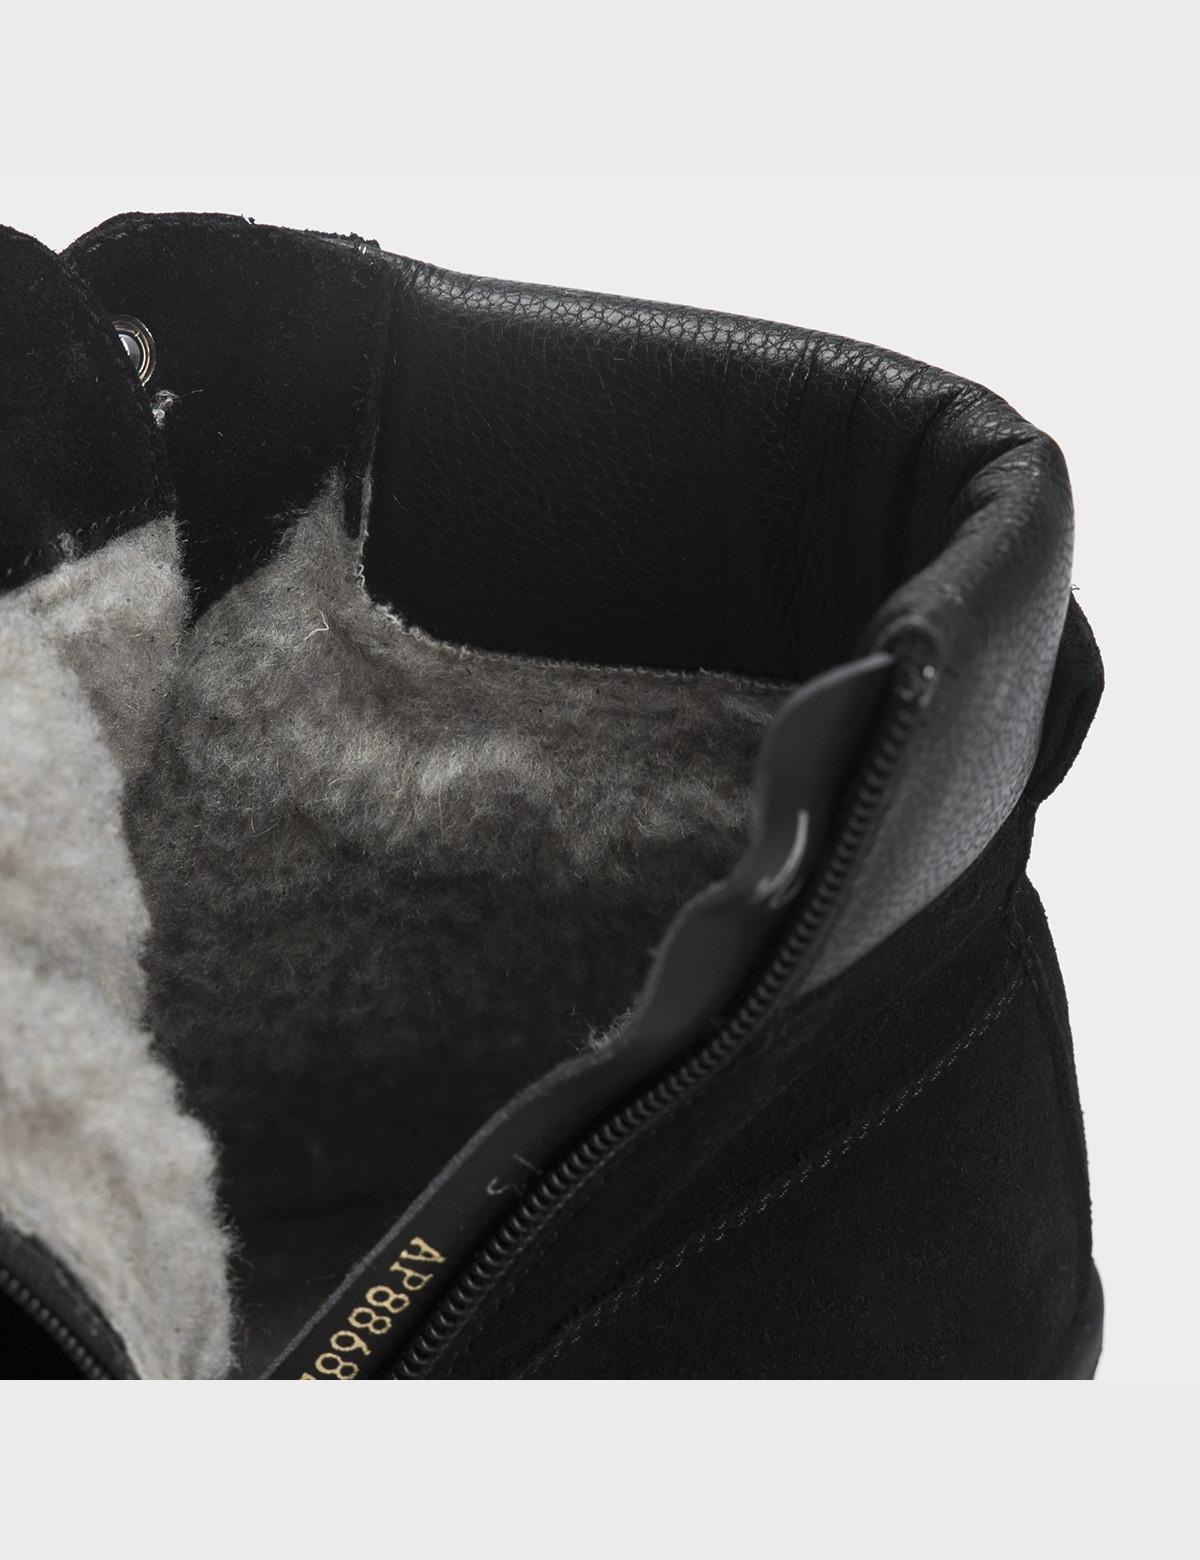 Ботинки черные, натуральная кожа/замша. Шерсть4